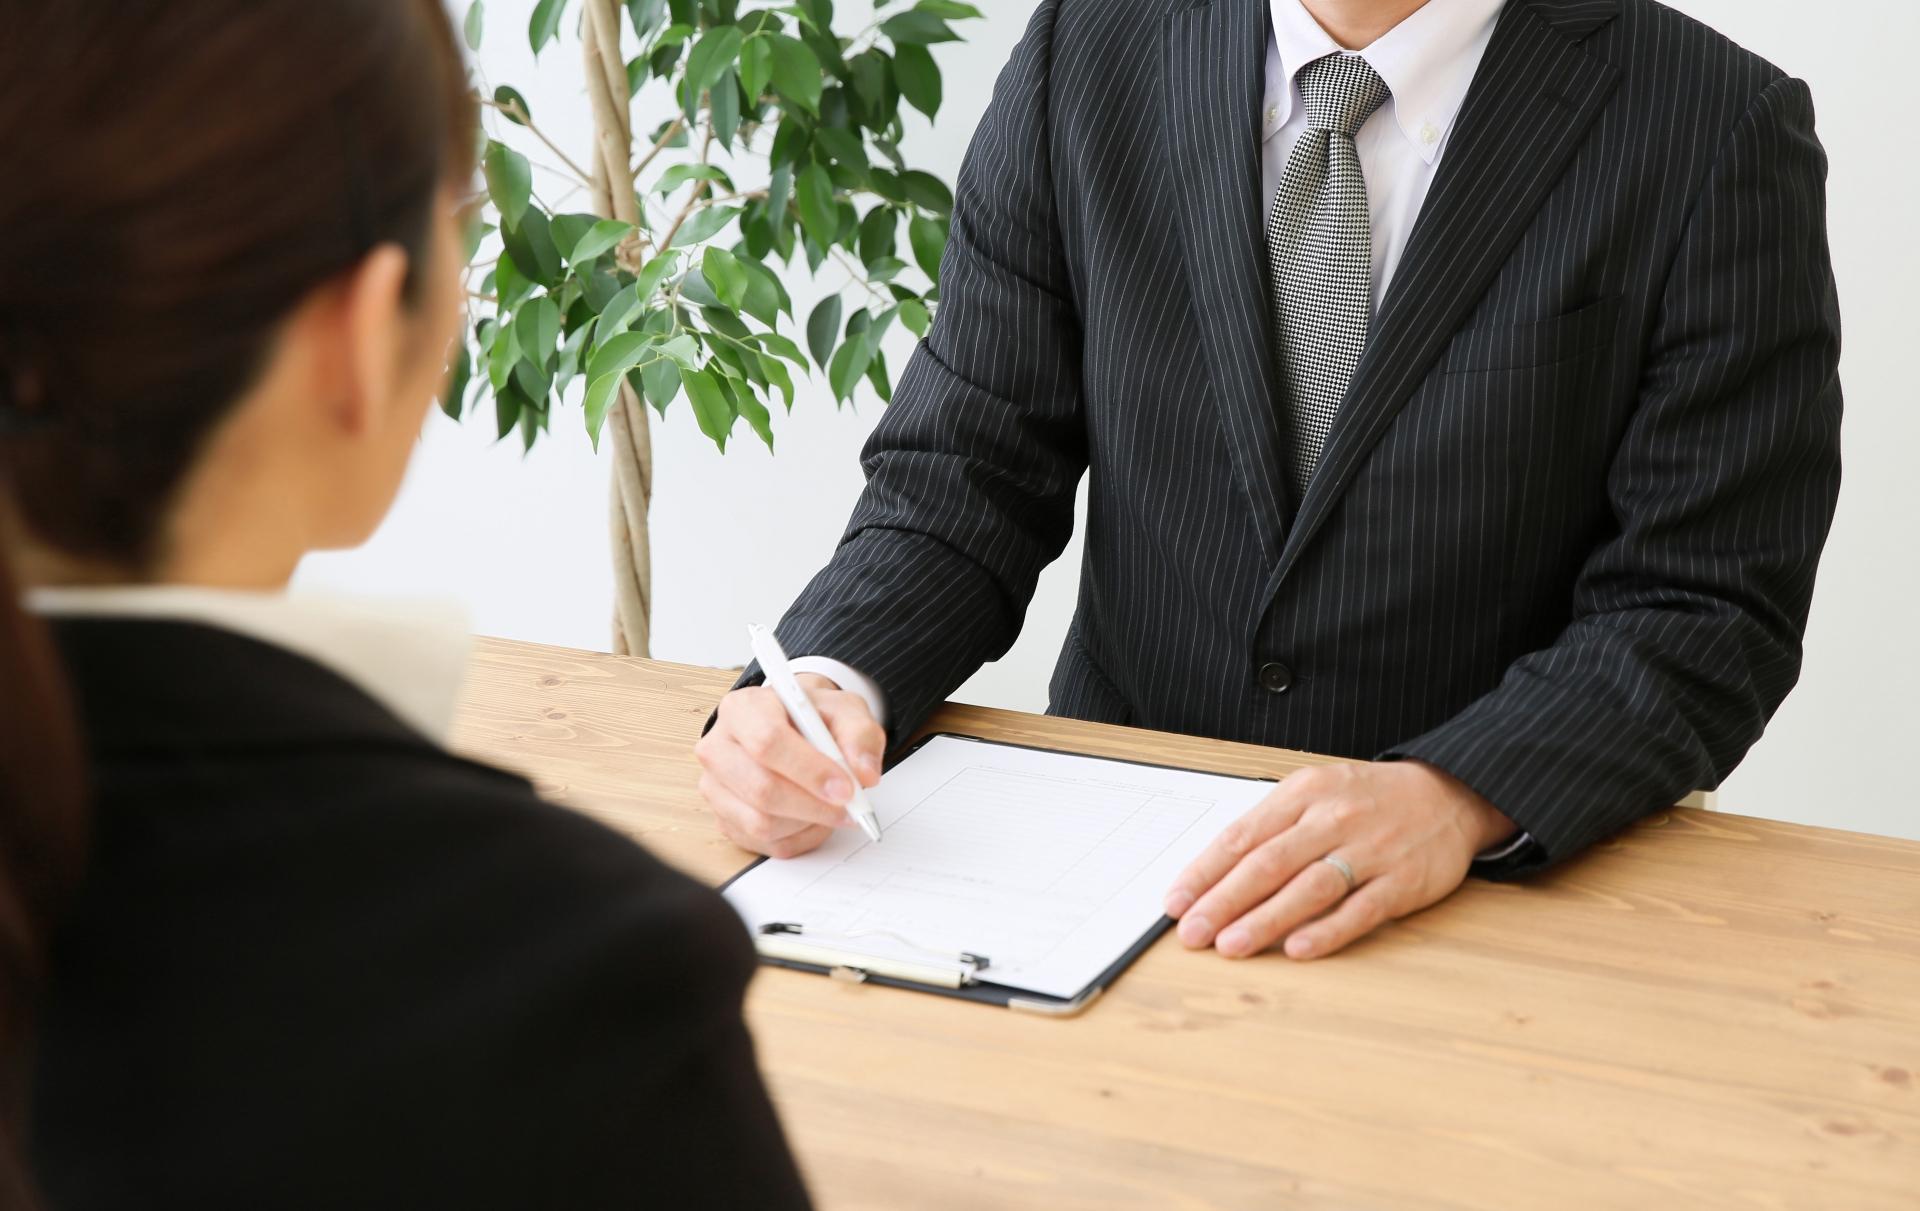 全社で取り組む リクルーター業務の基礎知識